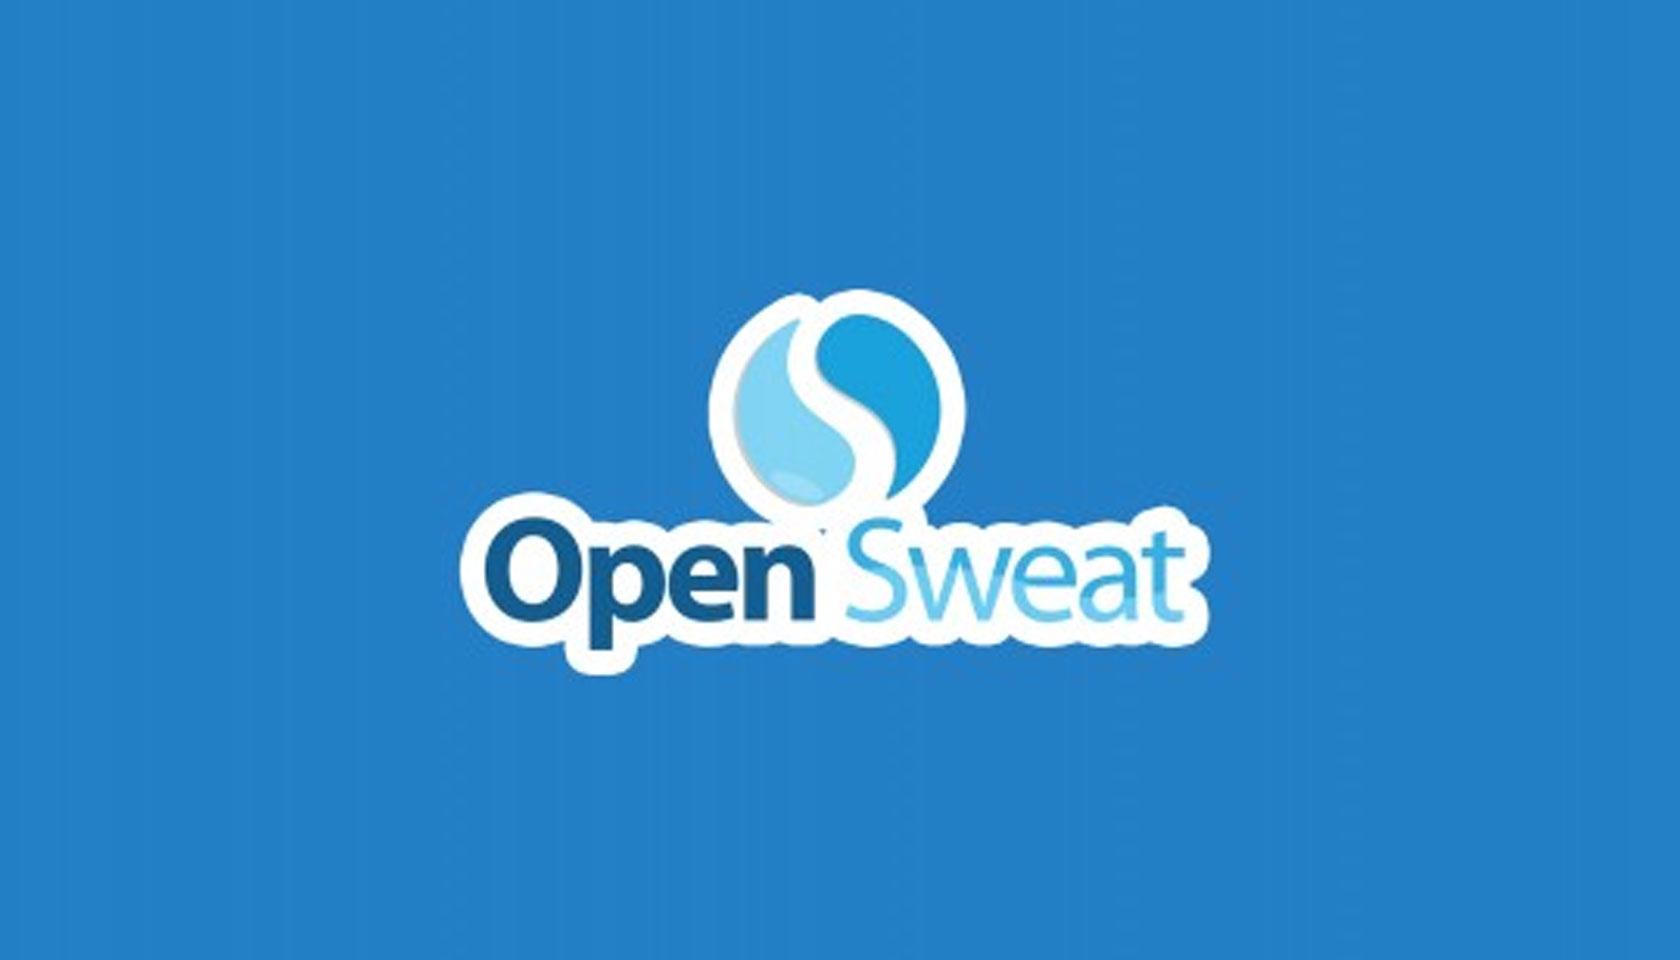 OpenSweat